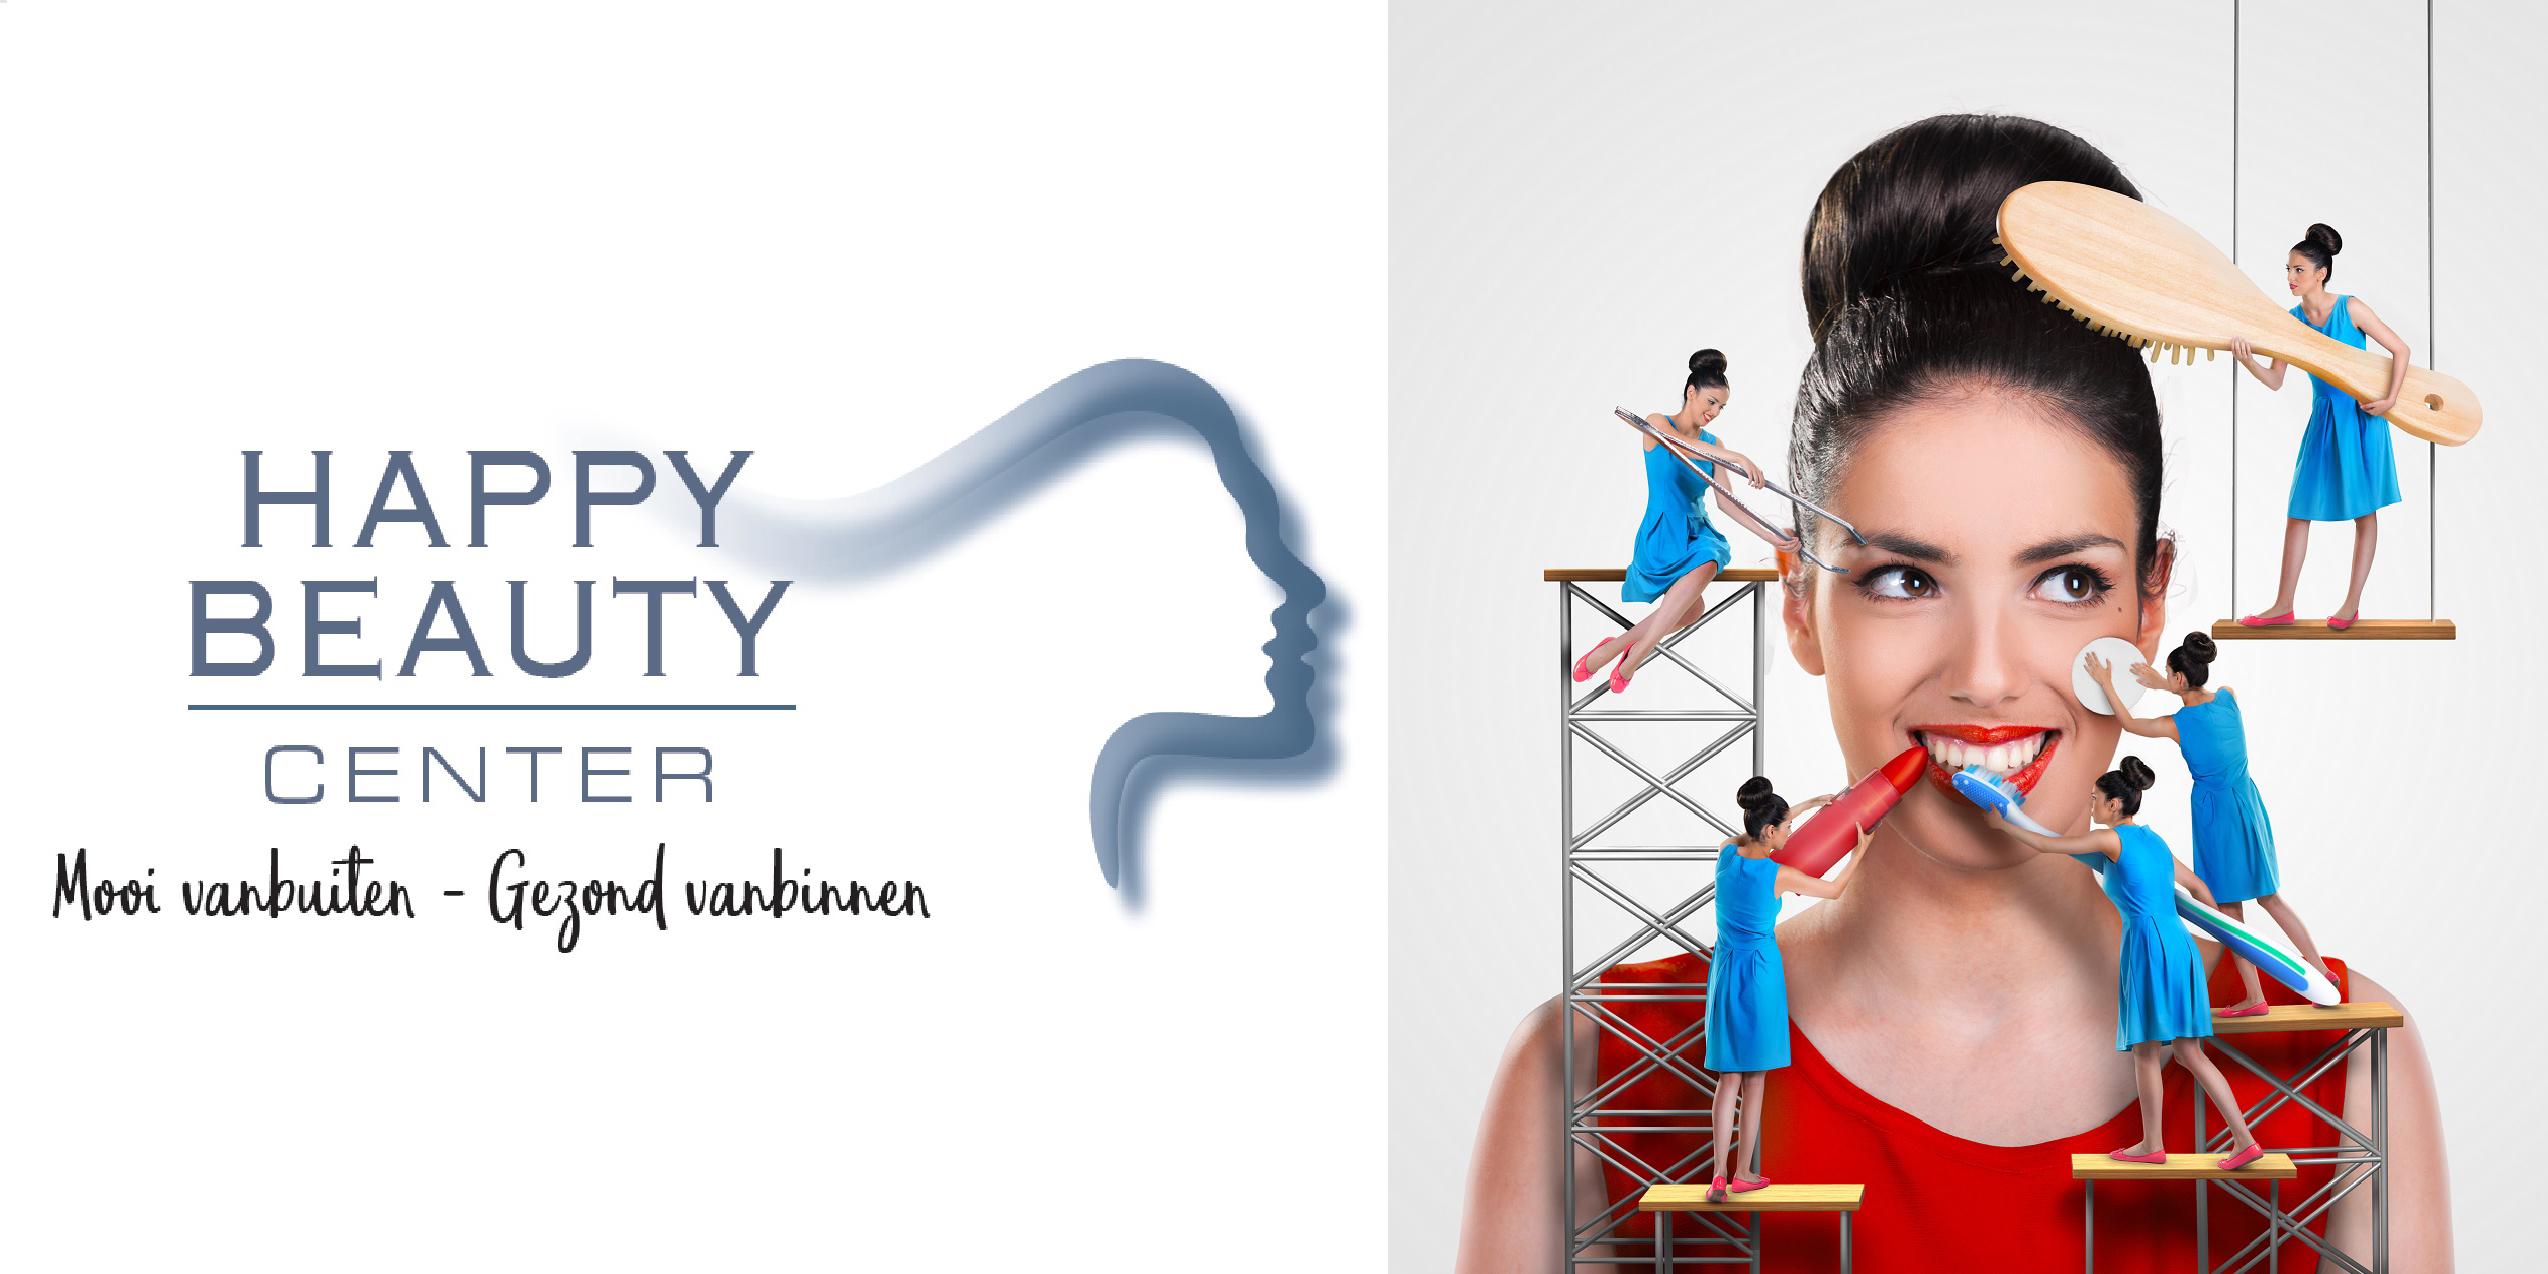 19) happy beauty center logo